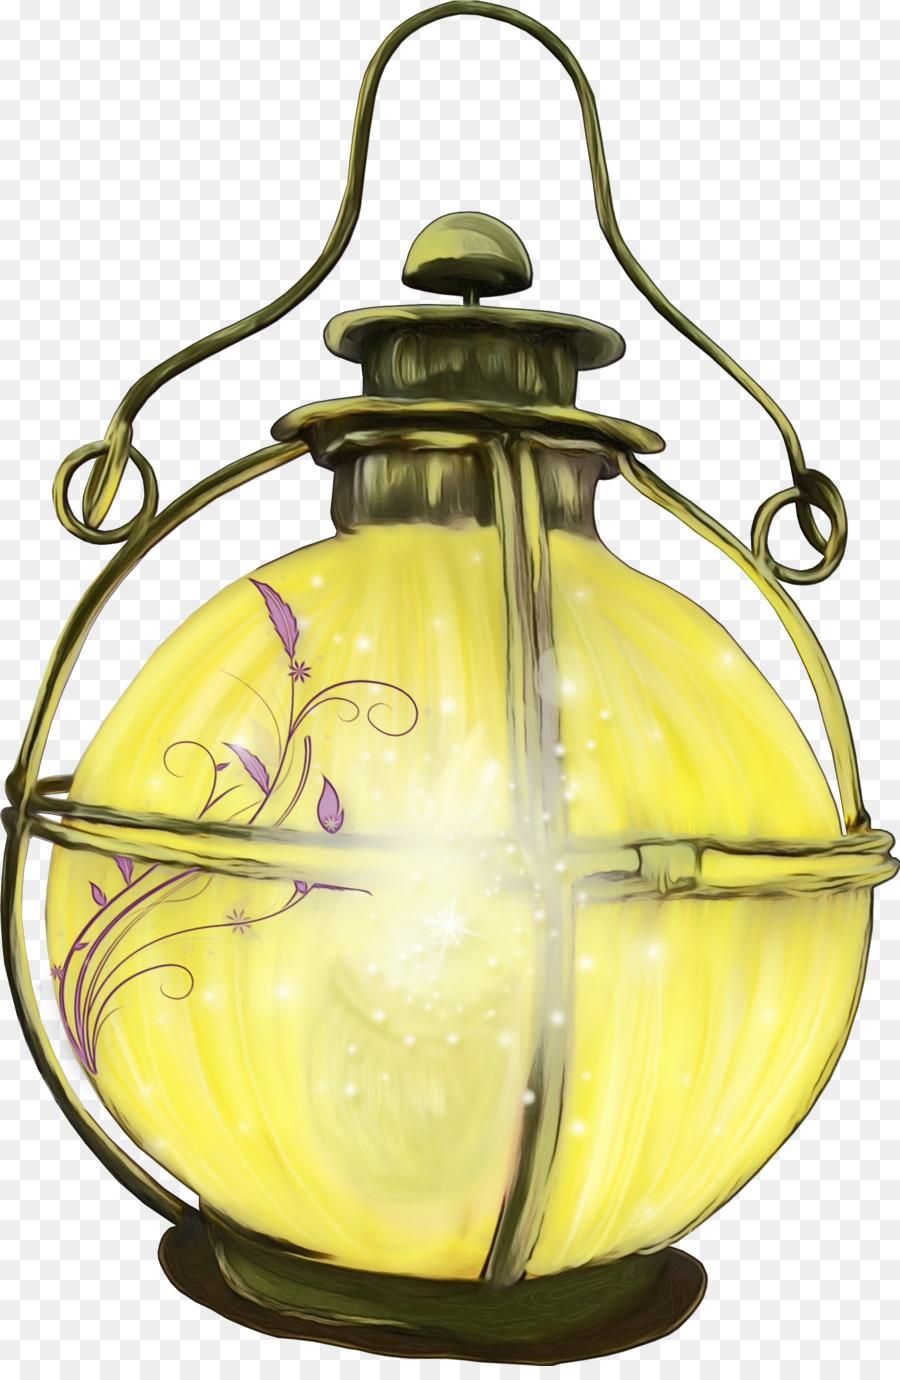 Descarga gratuita de Iluminación, Amarillo, Luminaria Imágen de Png